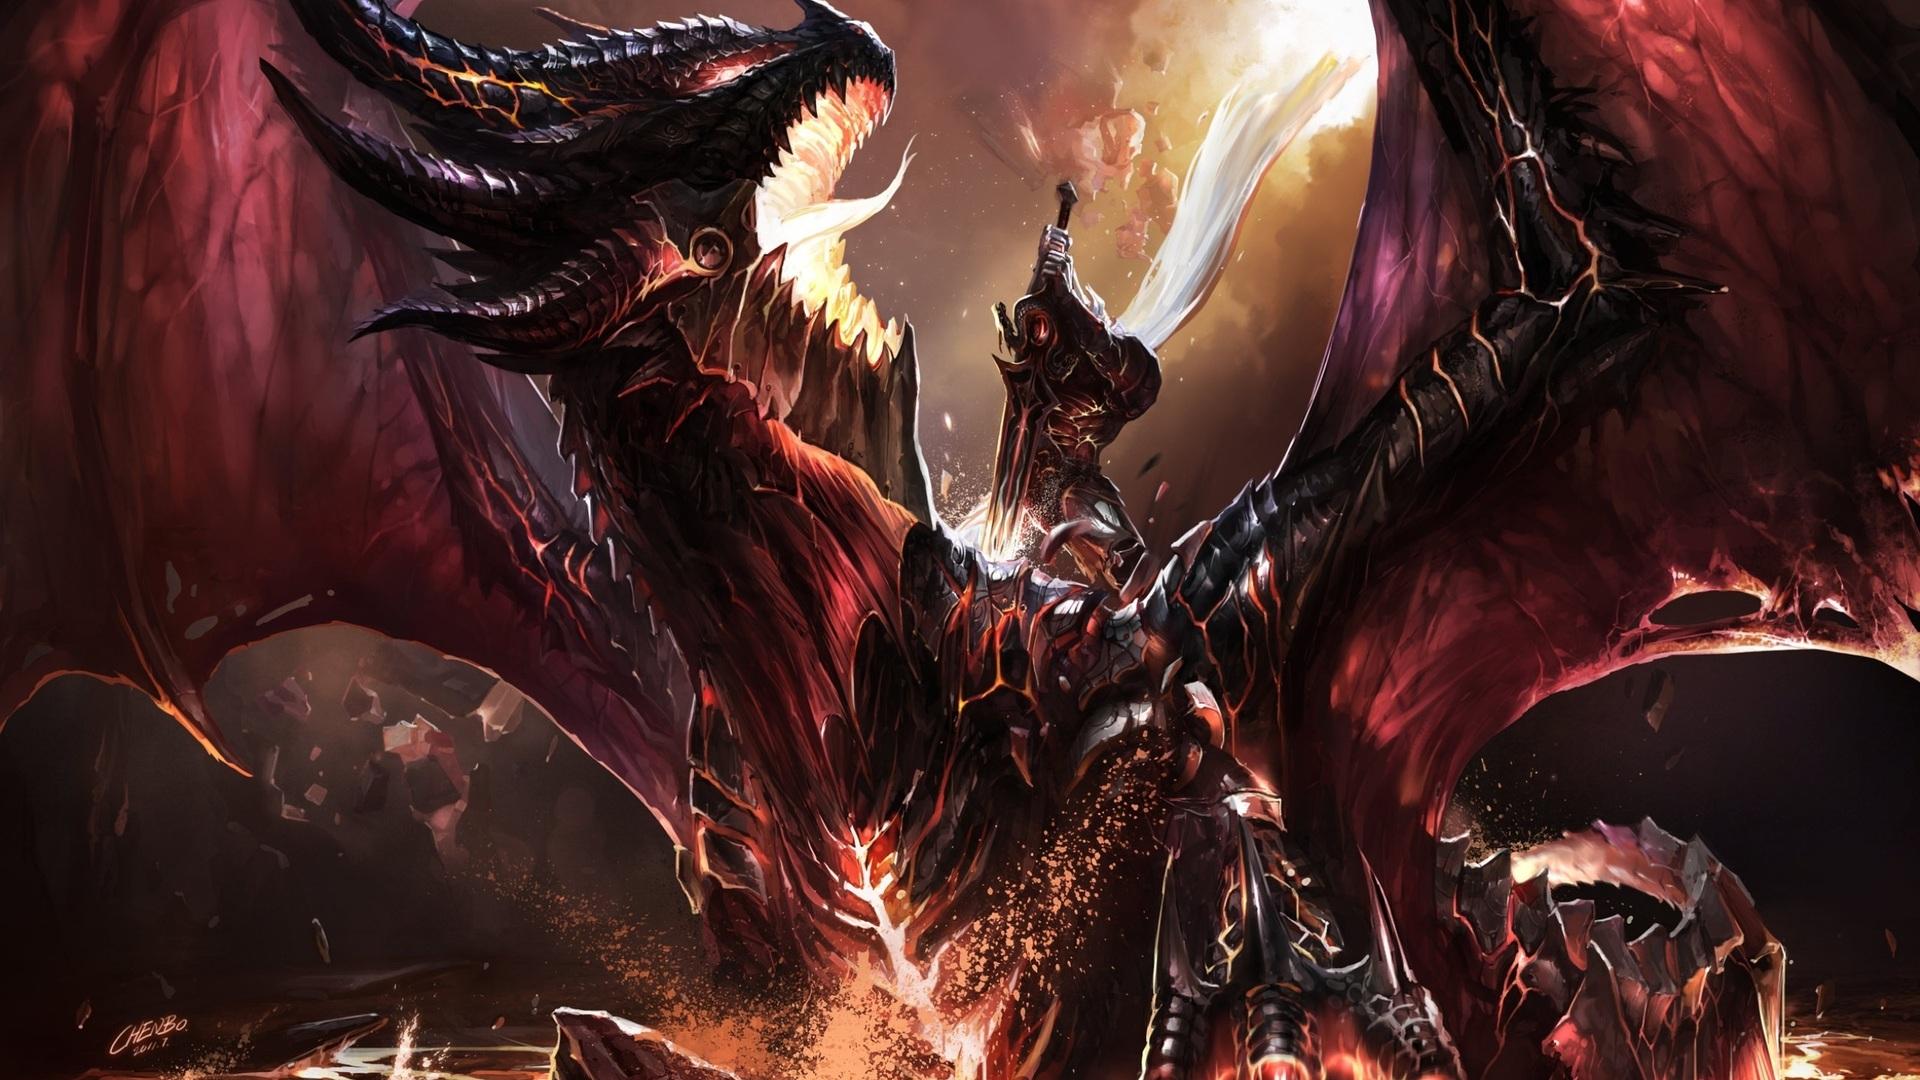 Dragon, Fanart, Fanart, Art, World Of Warcraft, Chenbo, - Youtube Channel Art Dragon - HD Wallpaper